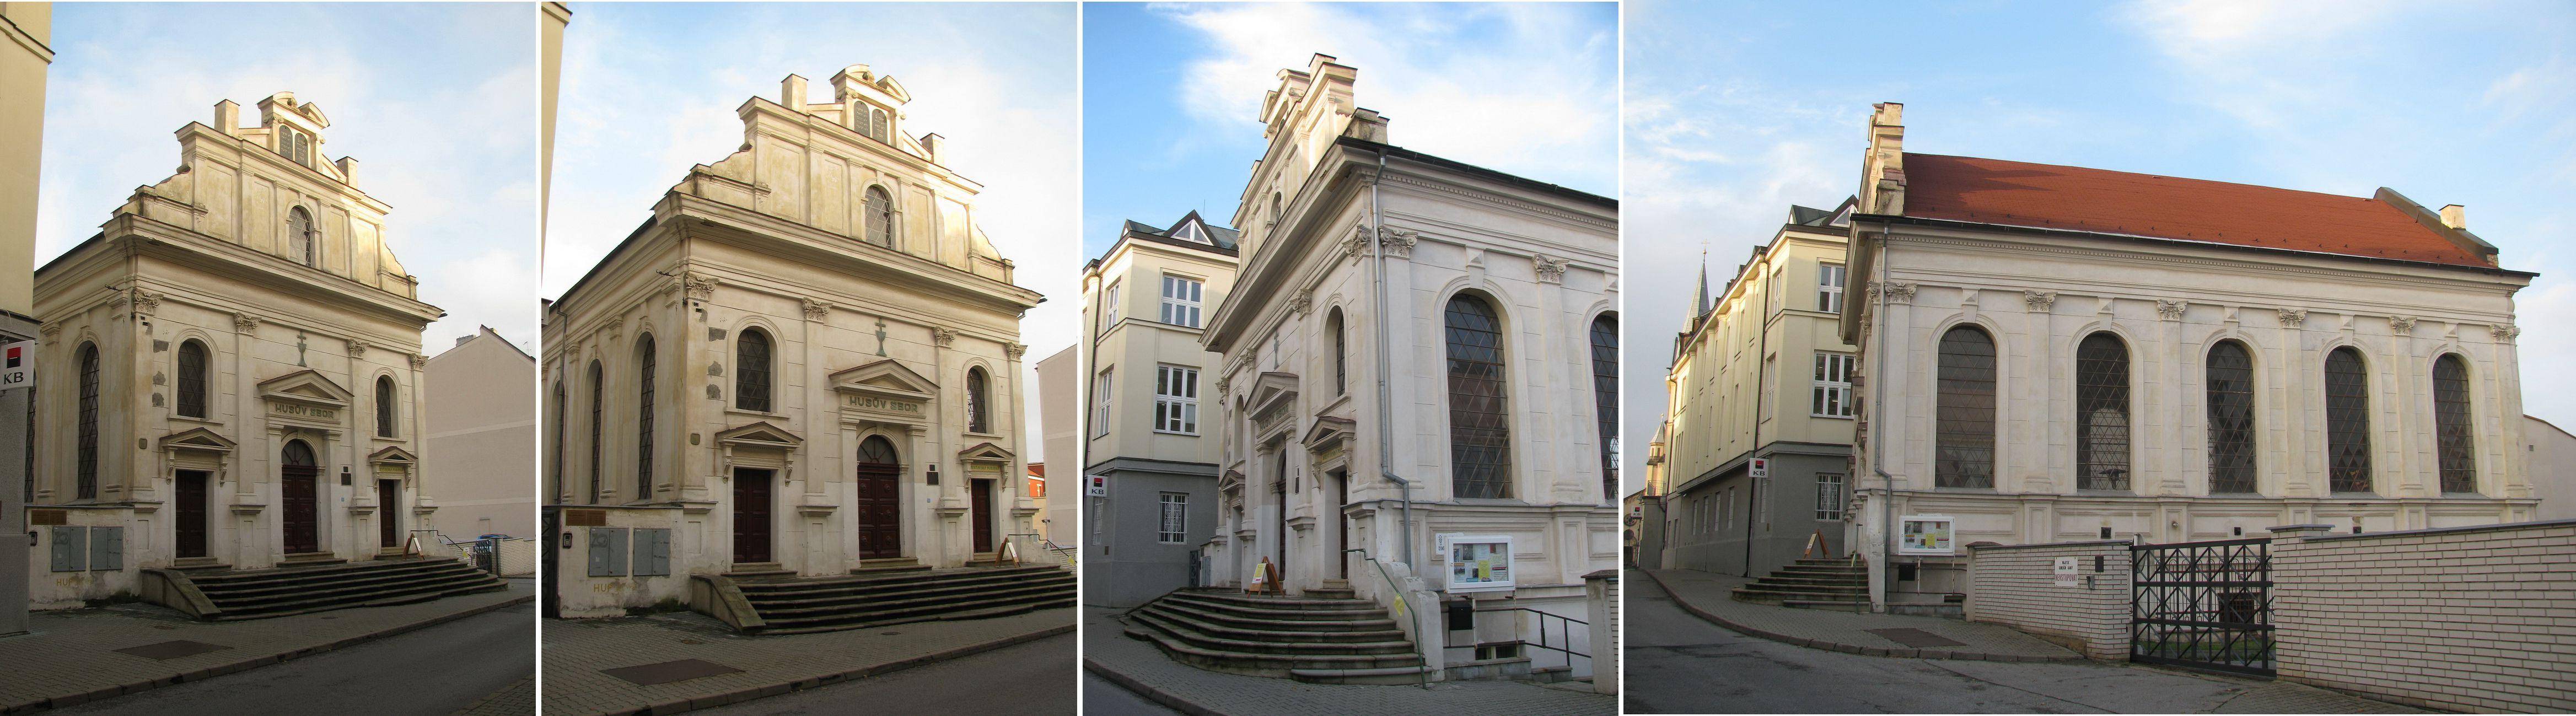 Církve československé husitské v Kladně